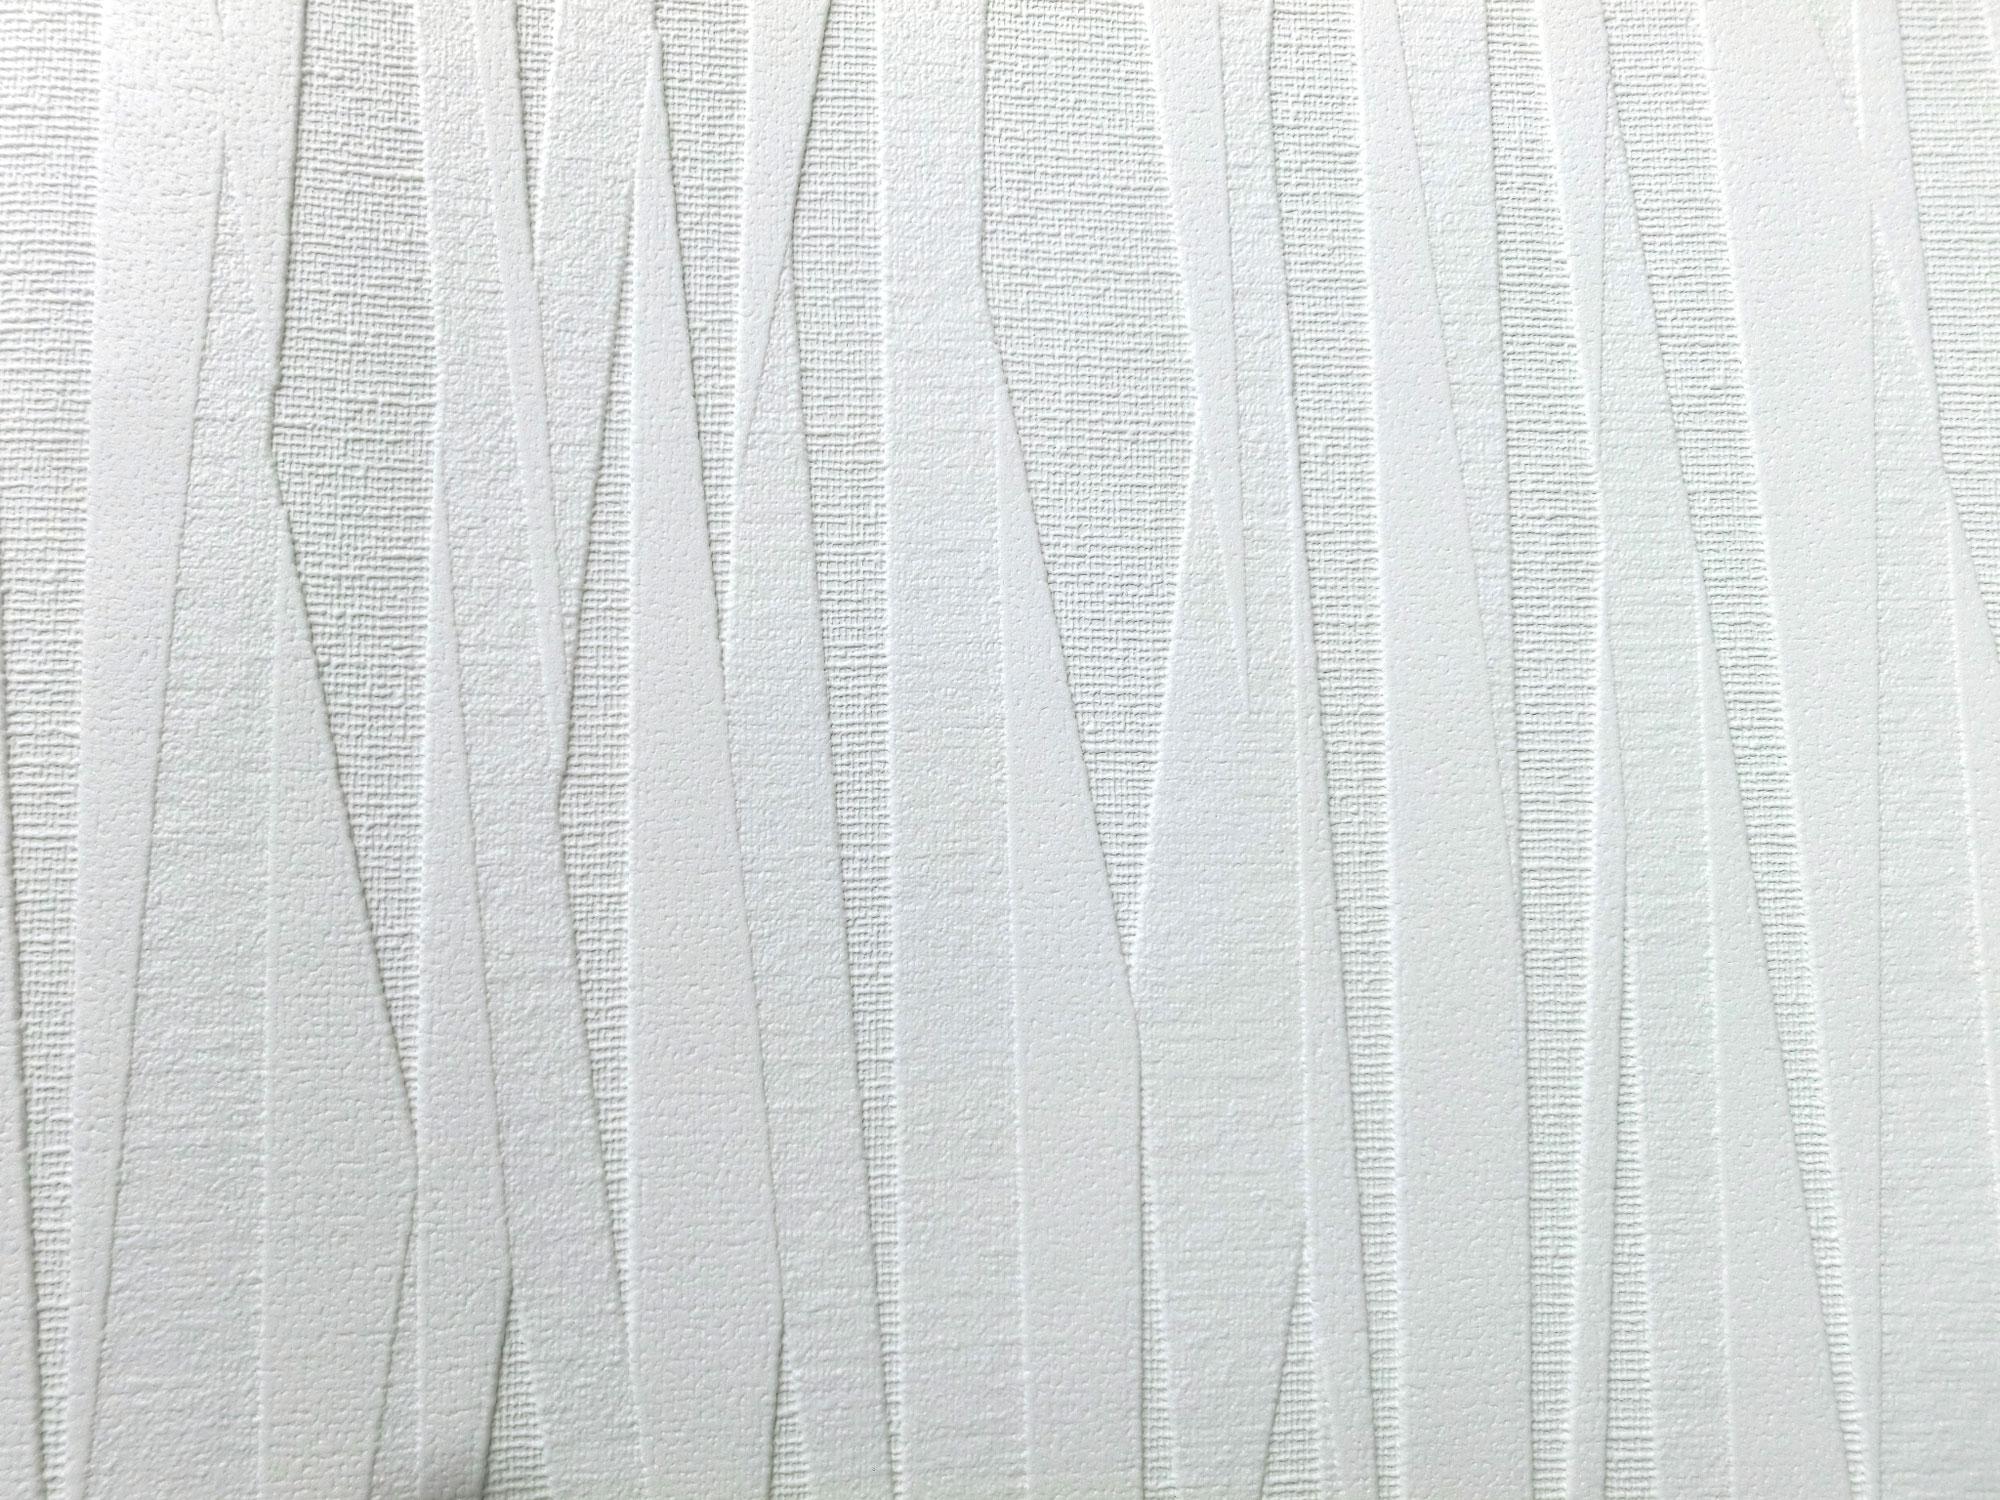 Hochwertige Tapeten G?nstig : g?nstige Reste Tapete Nr. 6586 – Leimdrucktapete Bild gro?